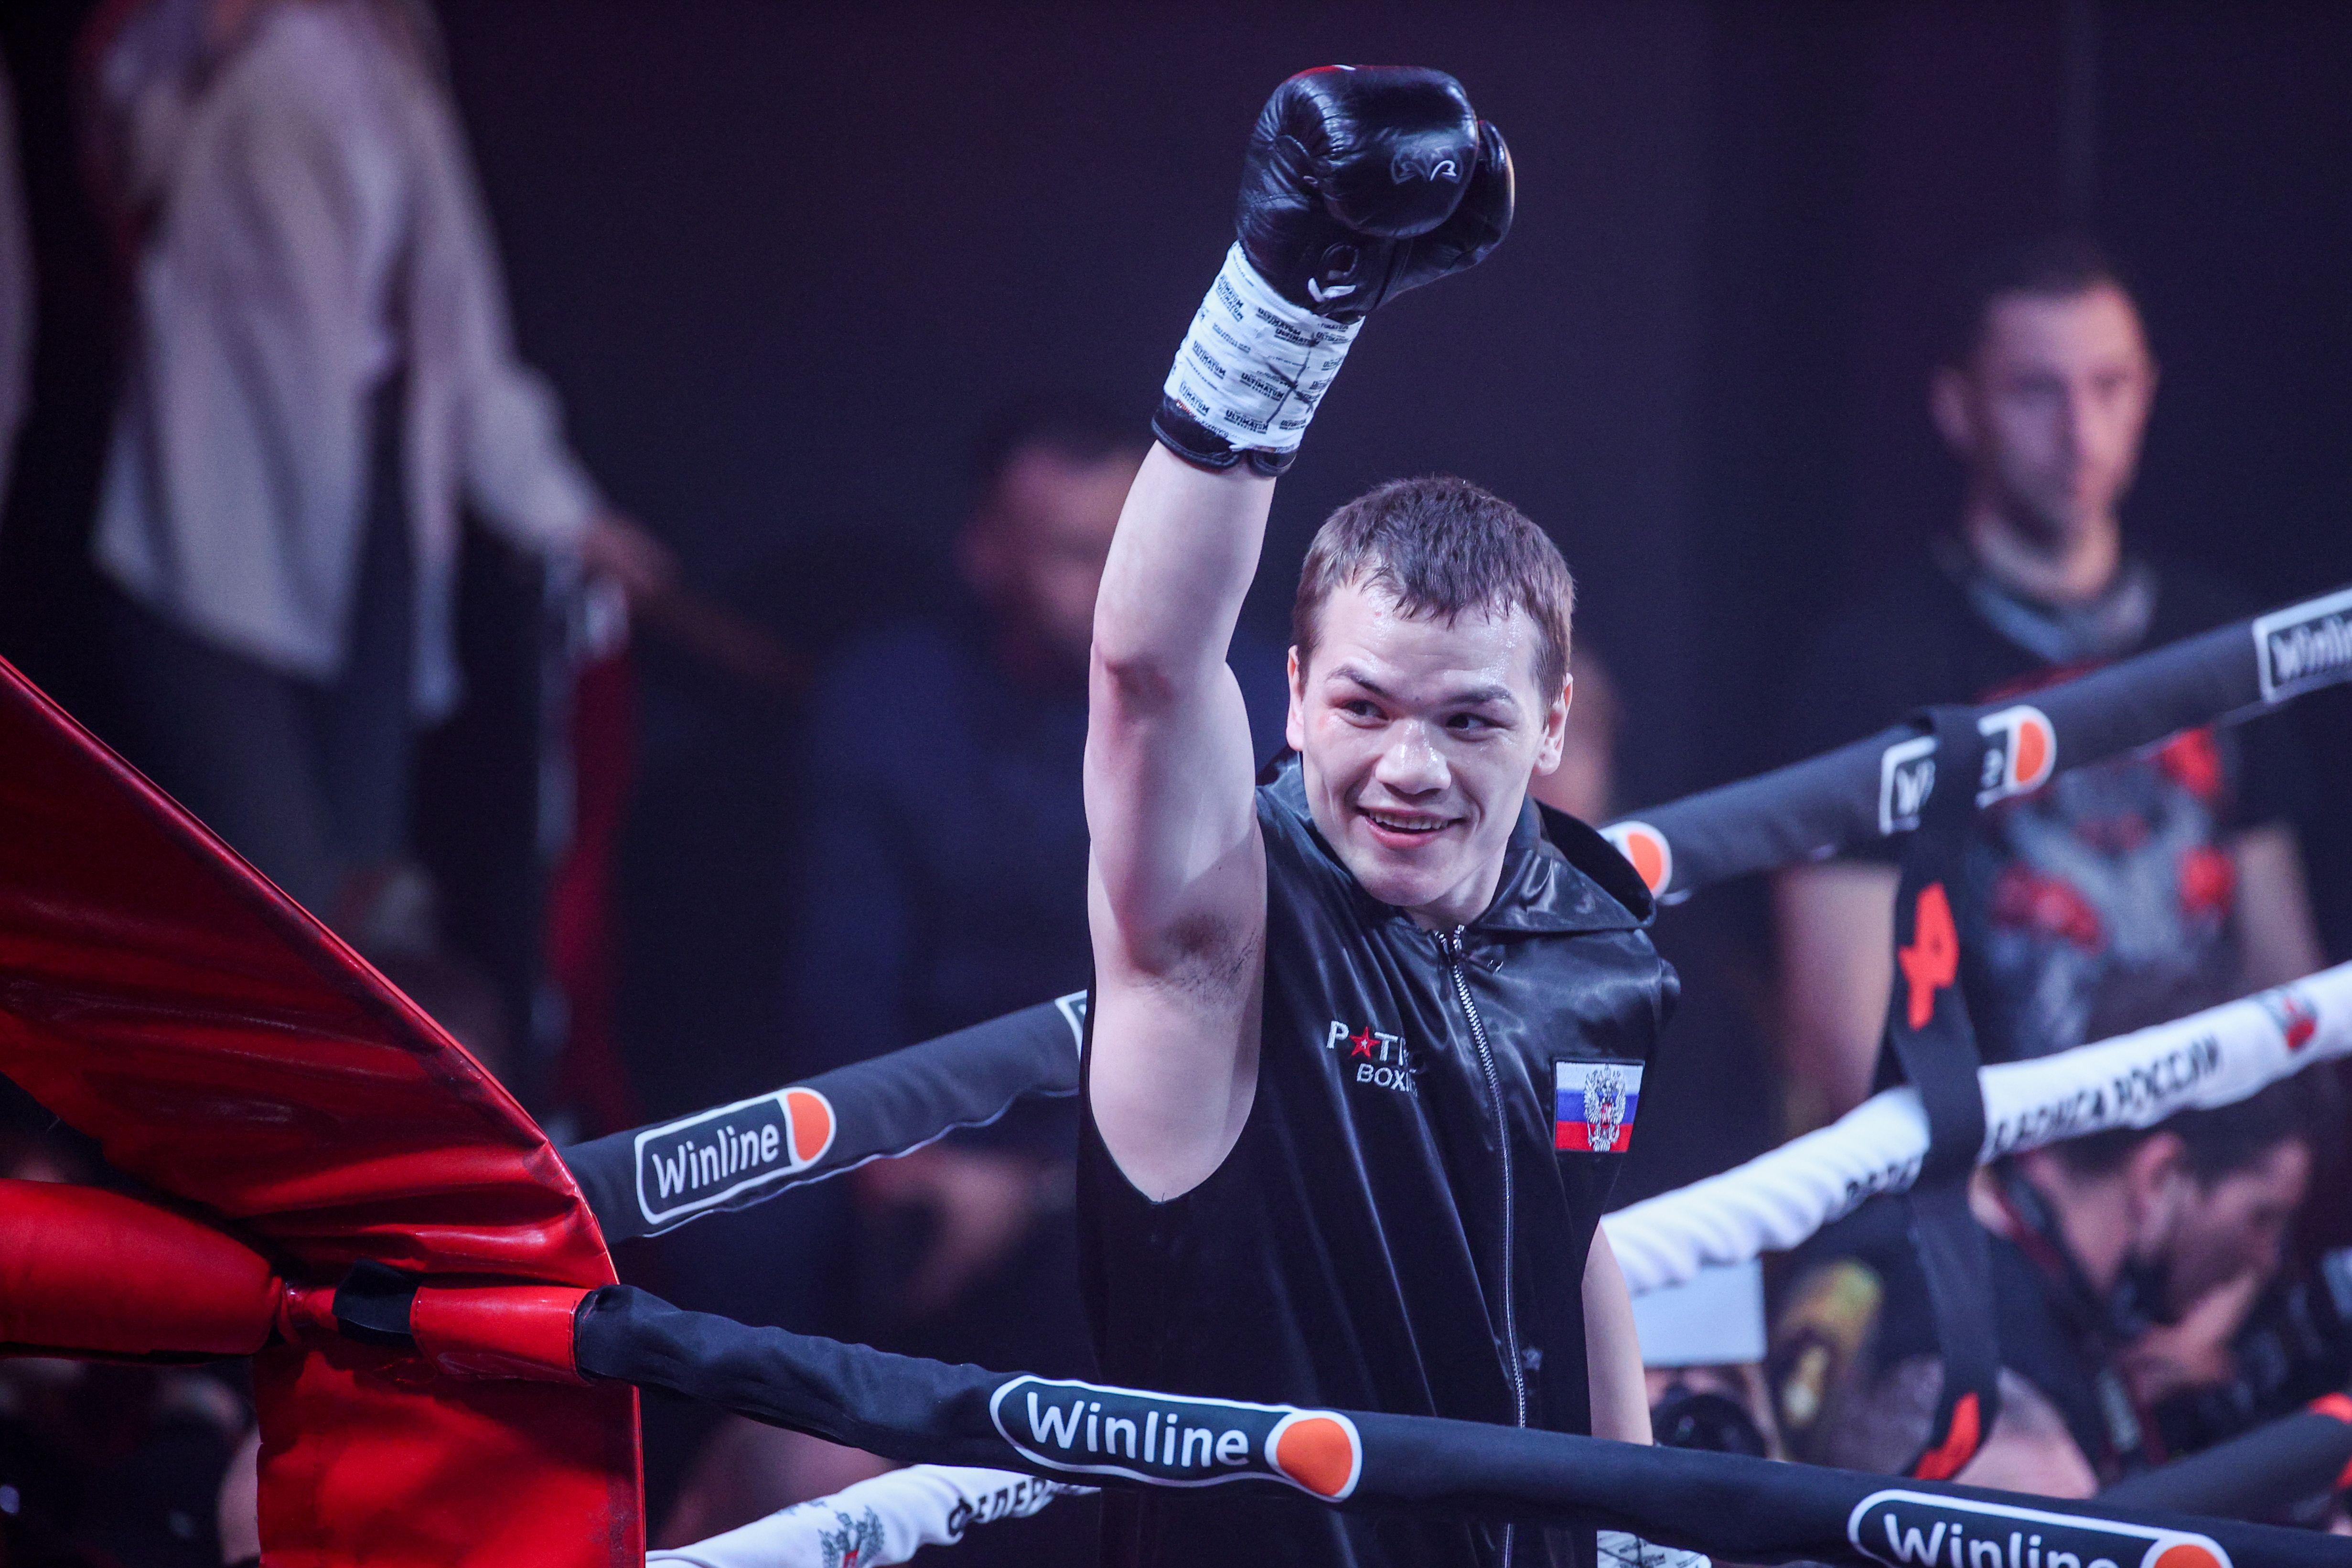 Чудинов и Чилемба не смогли выявить победителя